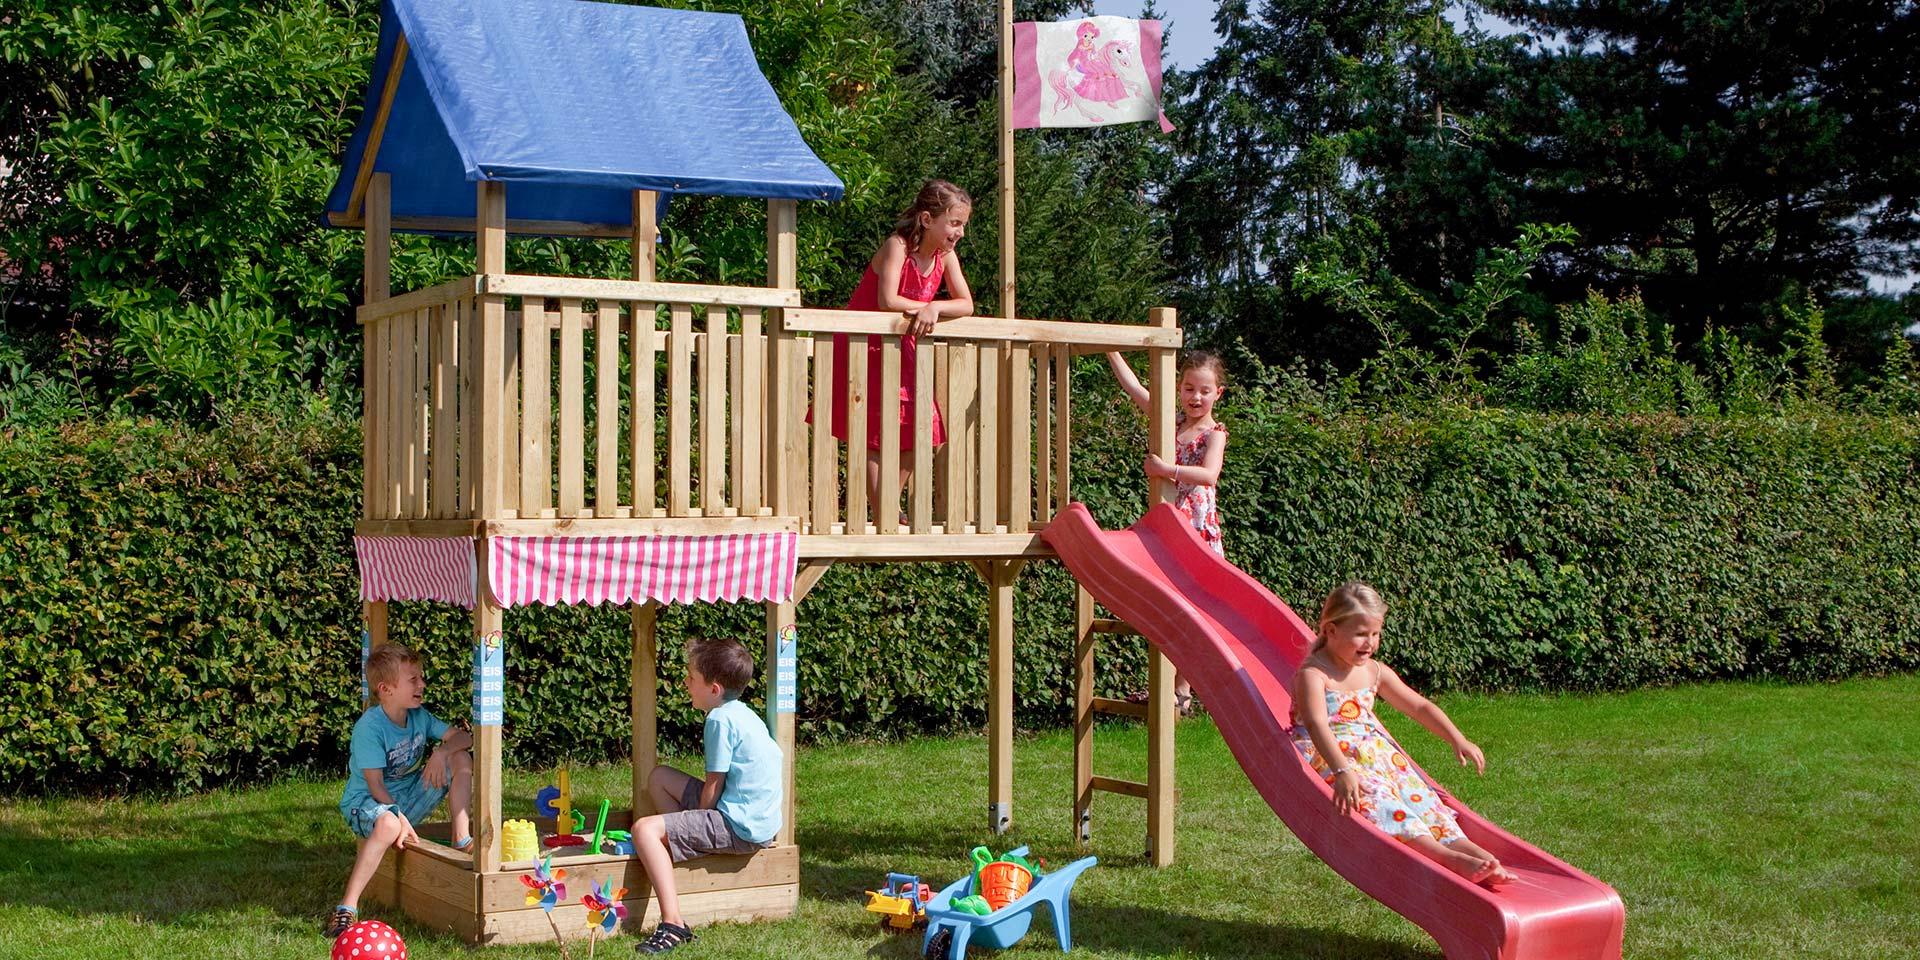 Spielgeräte Für Draußen spielgeräte im garten holzland köster bei hildesheim